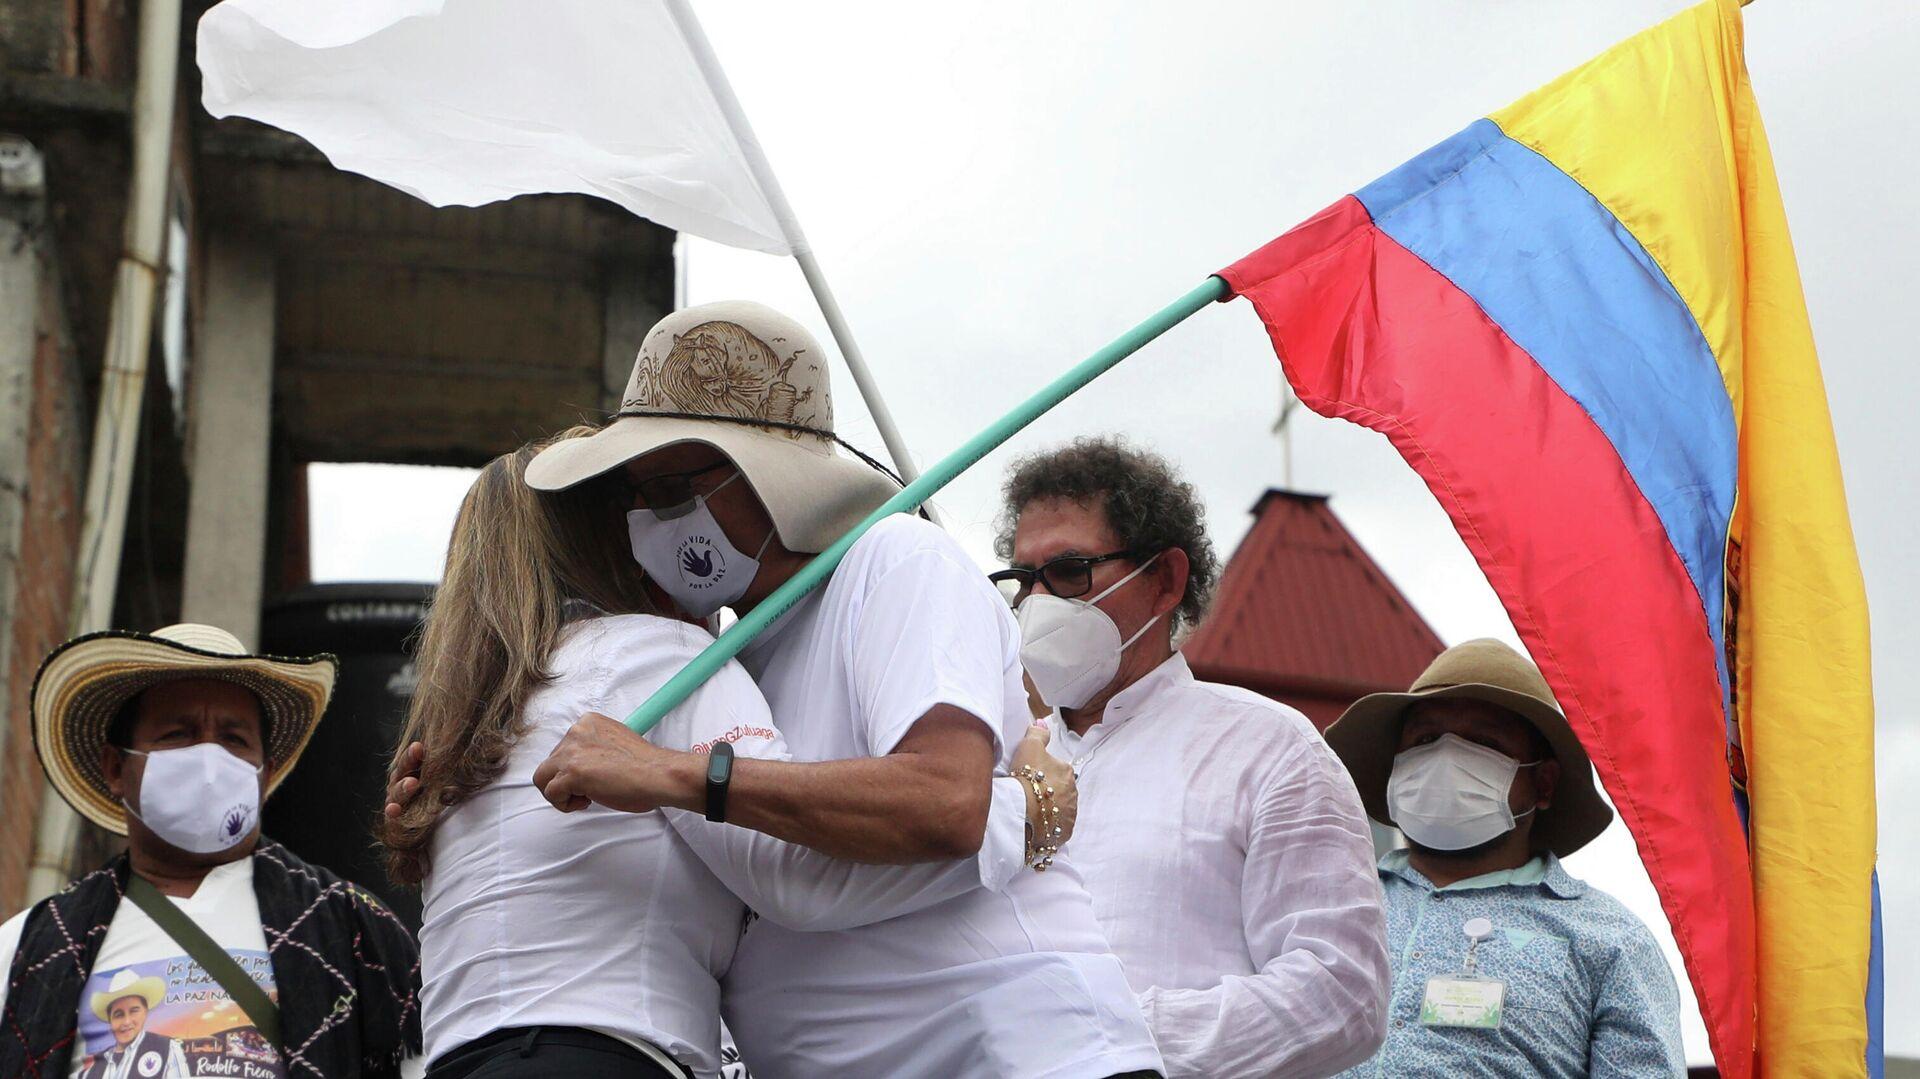 Rodrigo Granda, integrante del partido político FARC y excombatiente, se abraza con la familia de una víctima de la guerrilla en 2020 - Sputnik Mundo, 1920, 13.10.2021